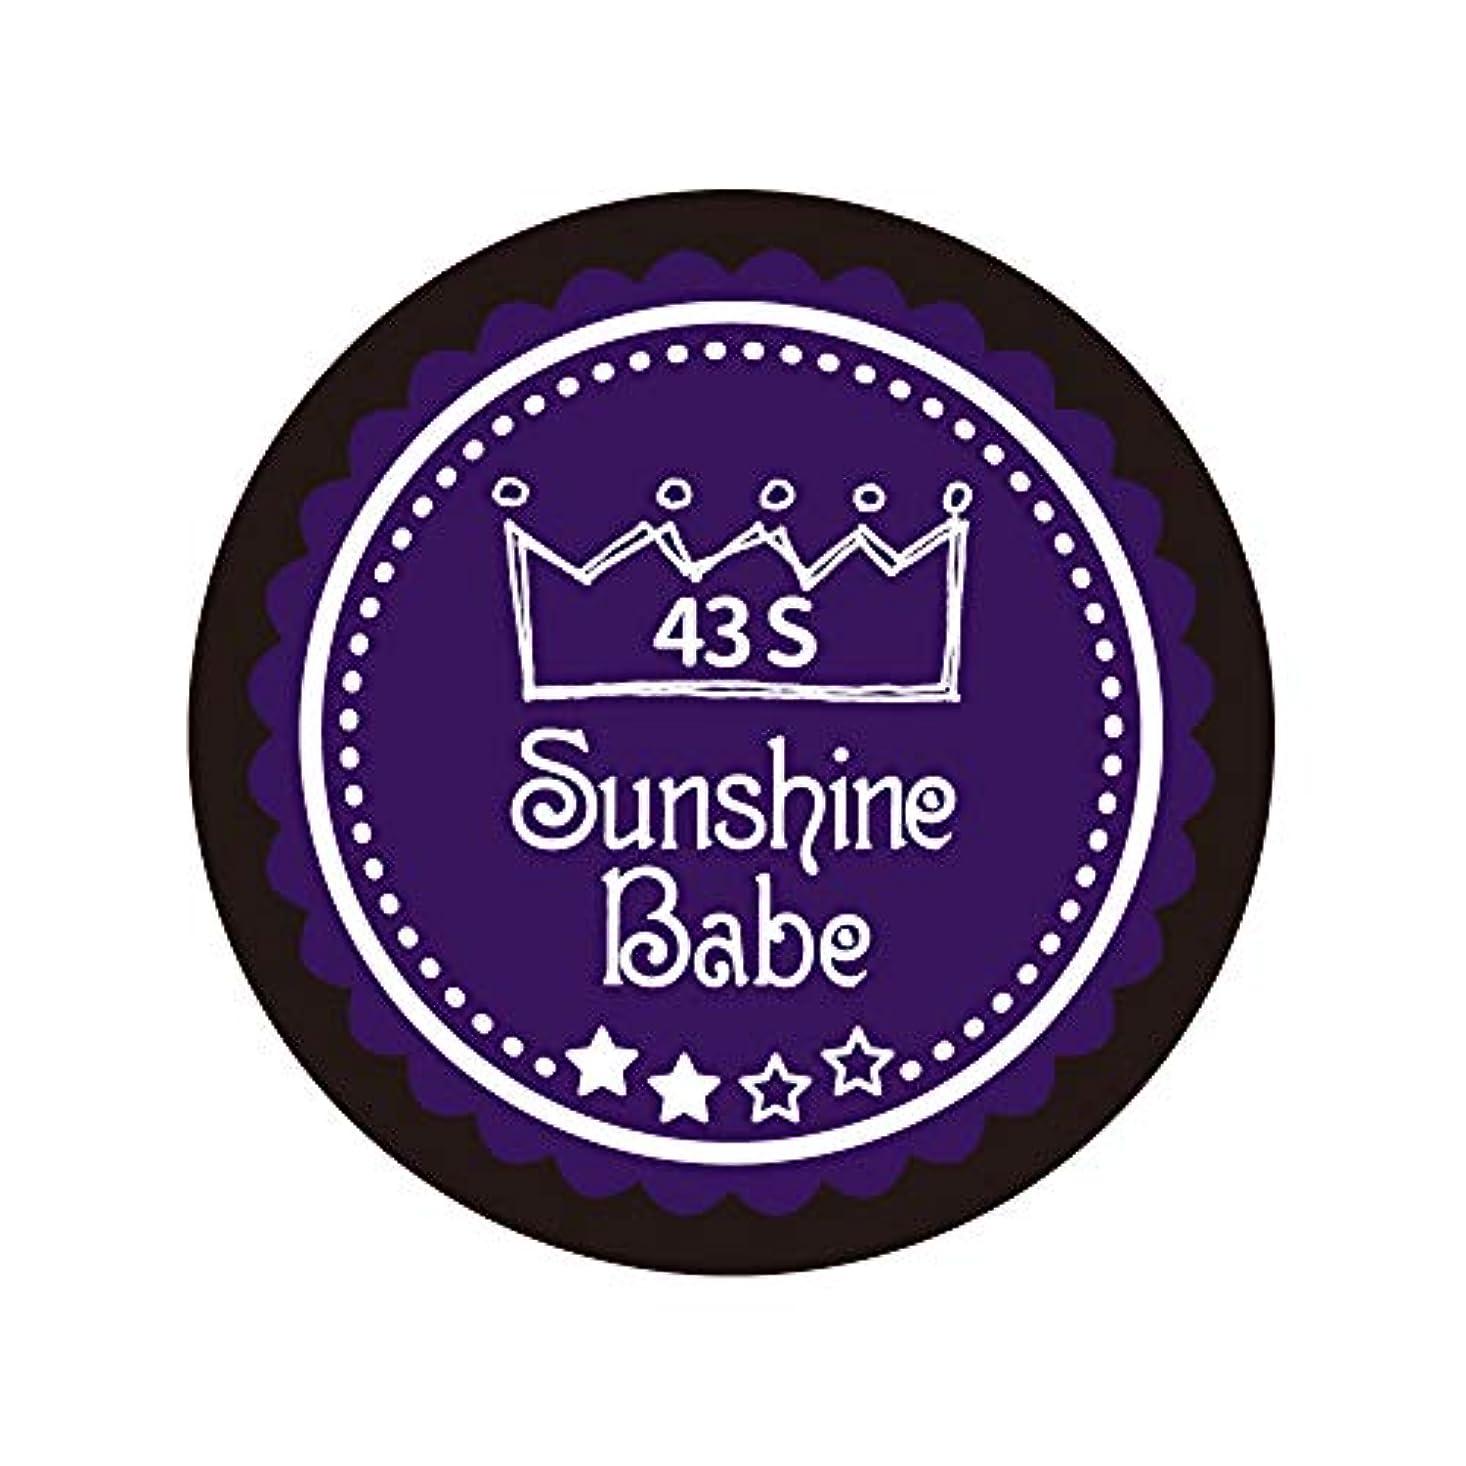 クッション効能あるご予約Sunshine Babe カラージェル 43S オータムウルトラバイオレット 2.7g UV/LED対応